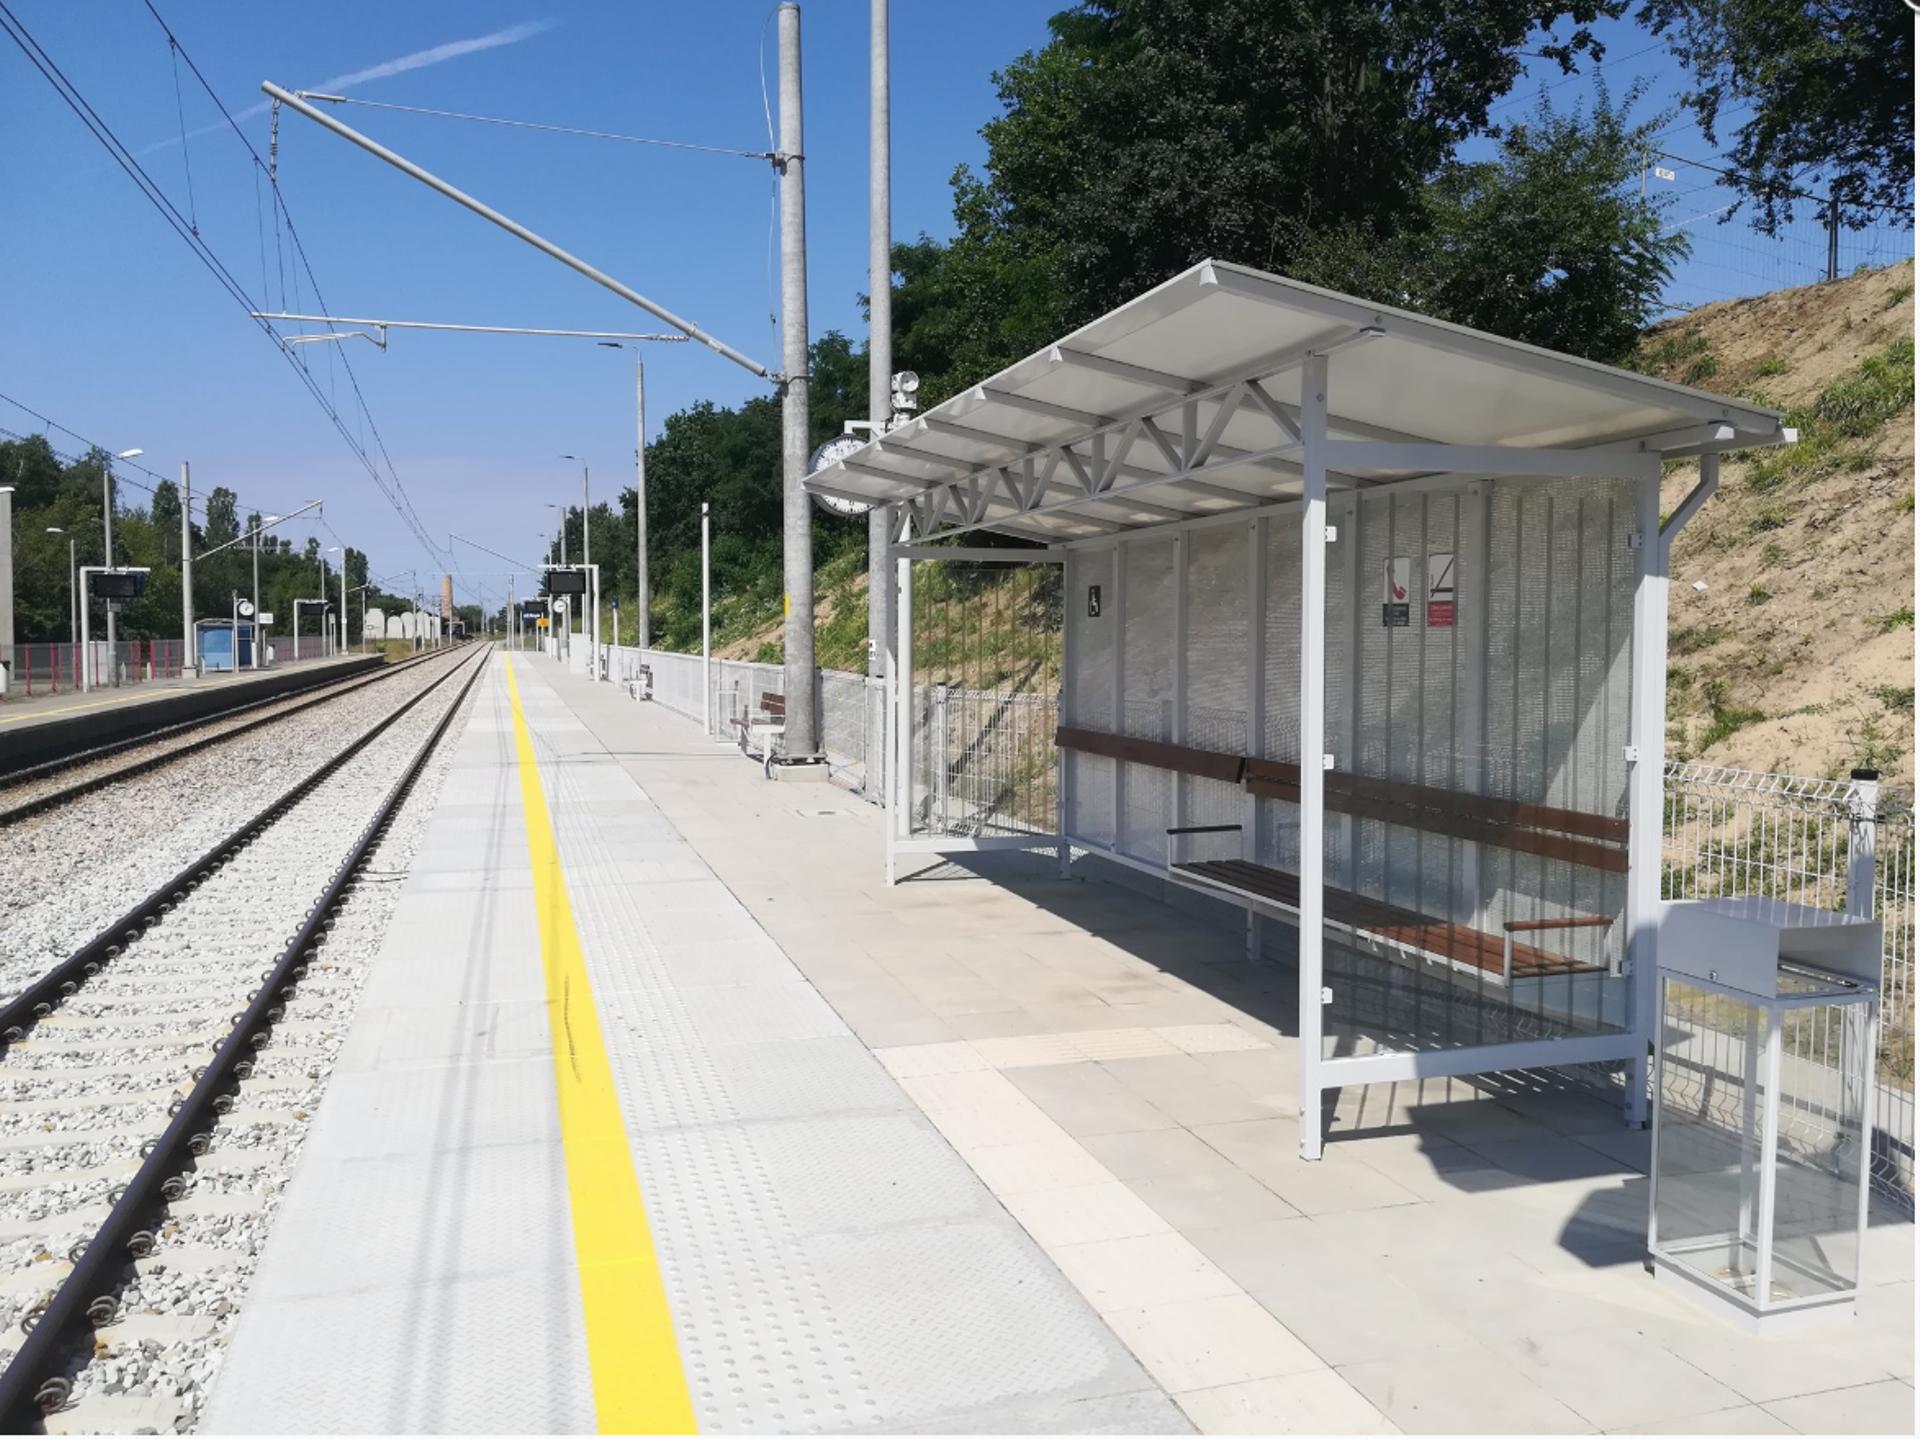 Łódź: Bliski koniec remontu peronu Łódź Marysin. PKP inwestuje też w 5 nowych przystanków